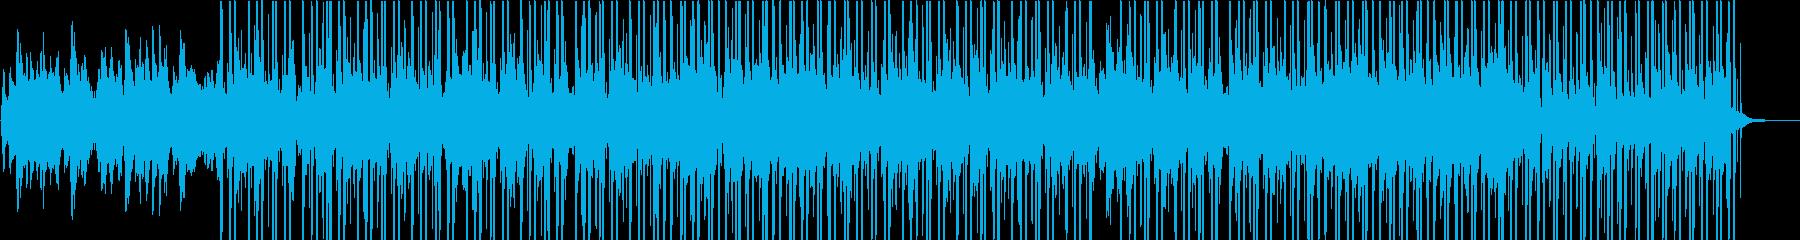 ピアノ&ハープが特徴のチルなトラックの再生済みの波形